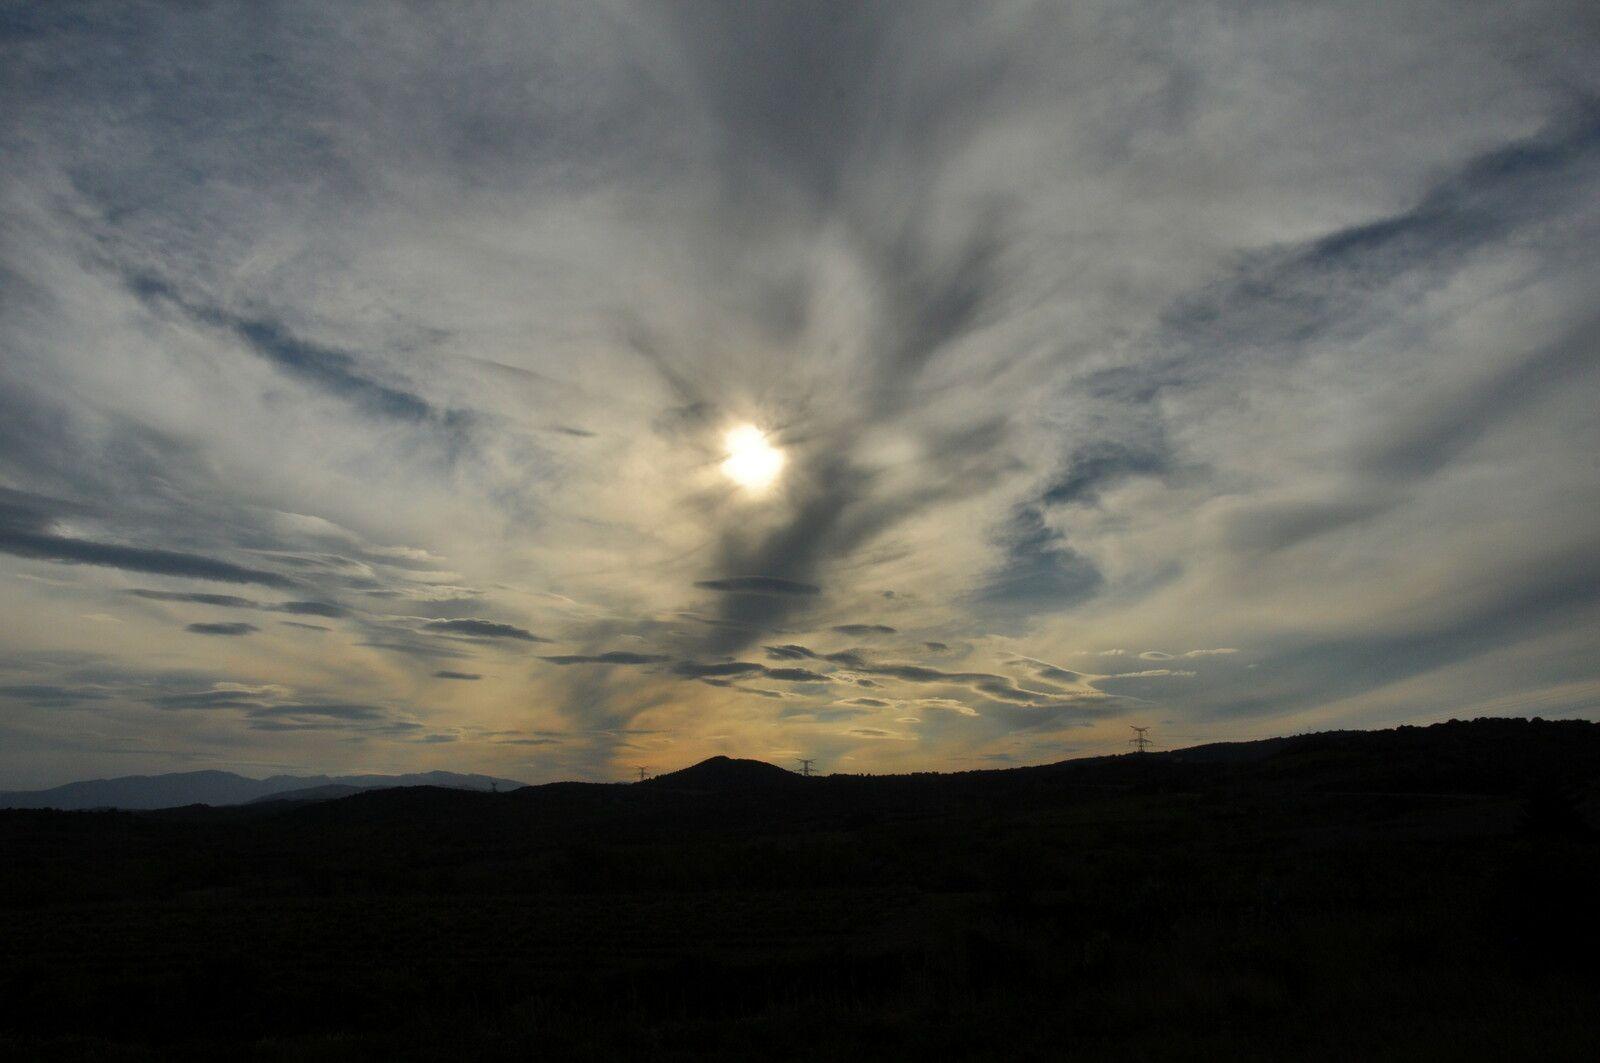 Sur la route du col de la Bataille entre Millas et Montner. Un très beau ciel qui ne restera pas beau après, les nuages gagnent.